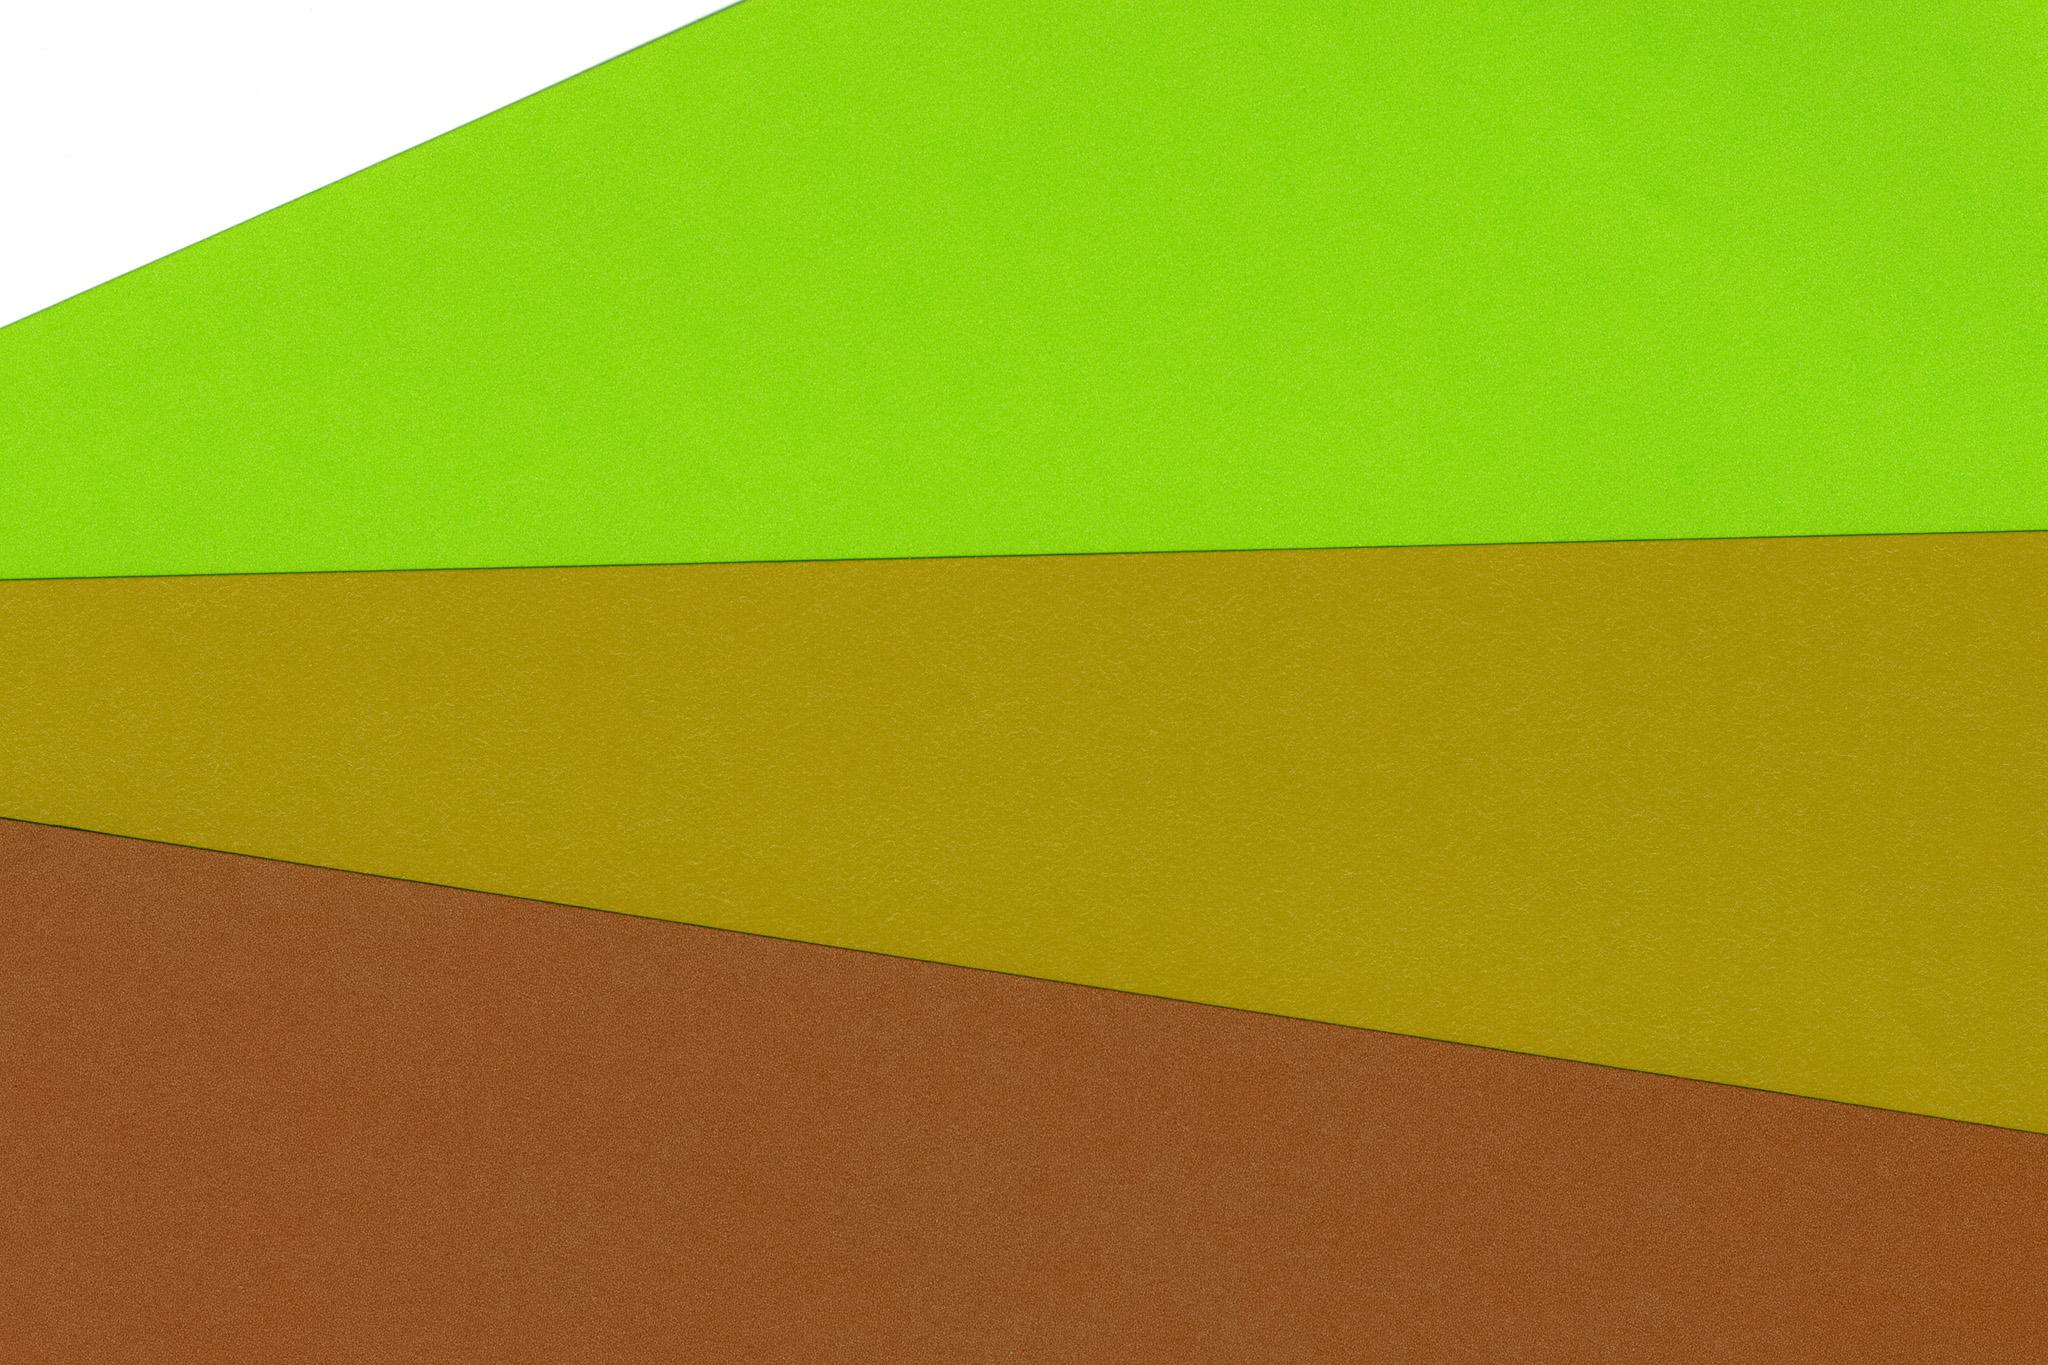 「自然なアースカラーの紙素材」の画像を無料ダウンロード